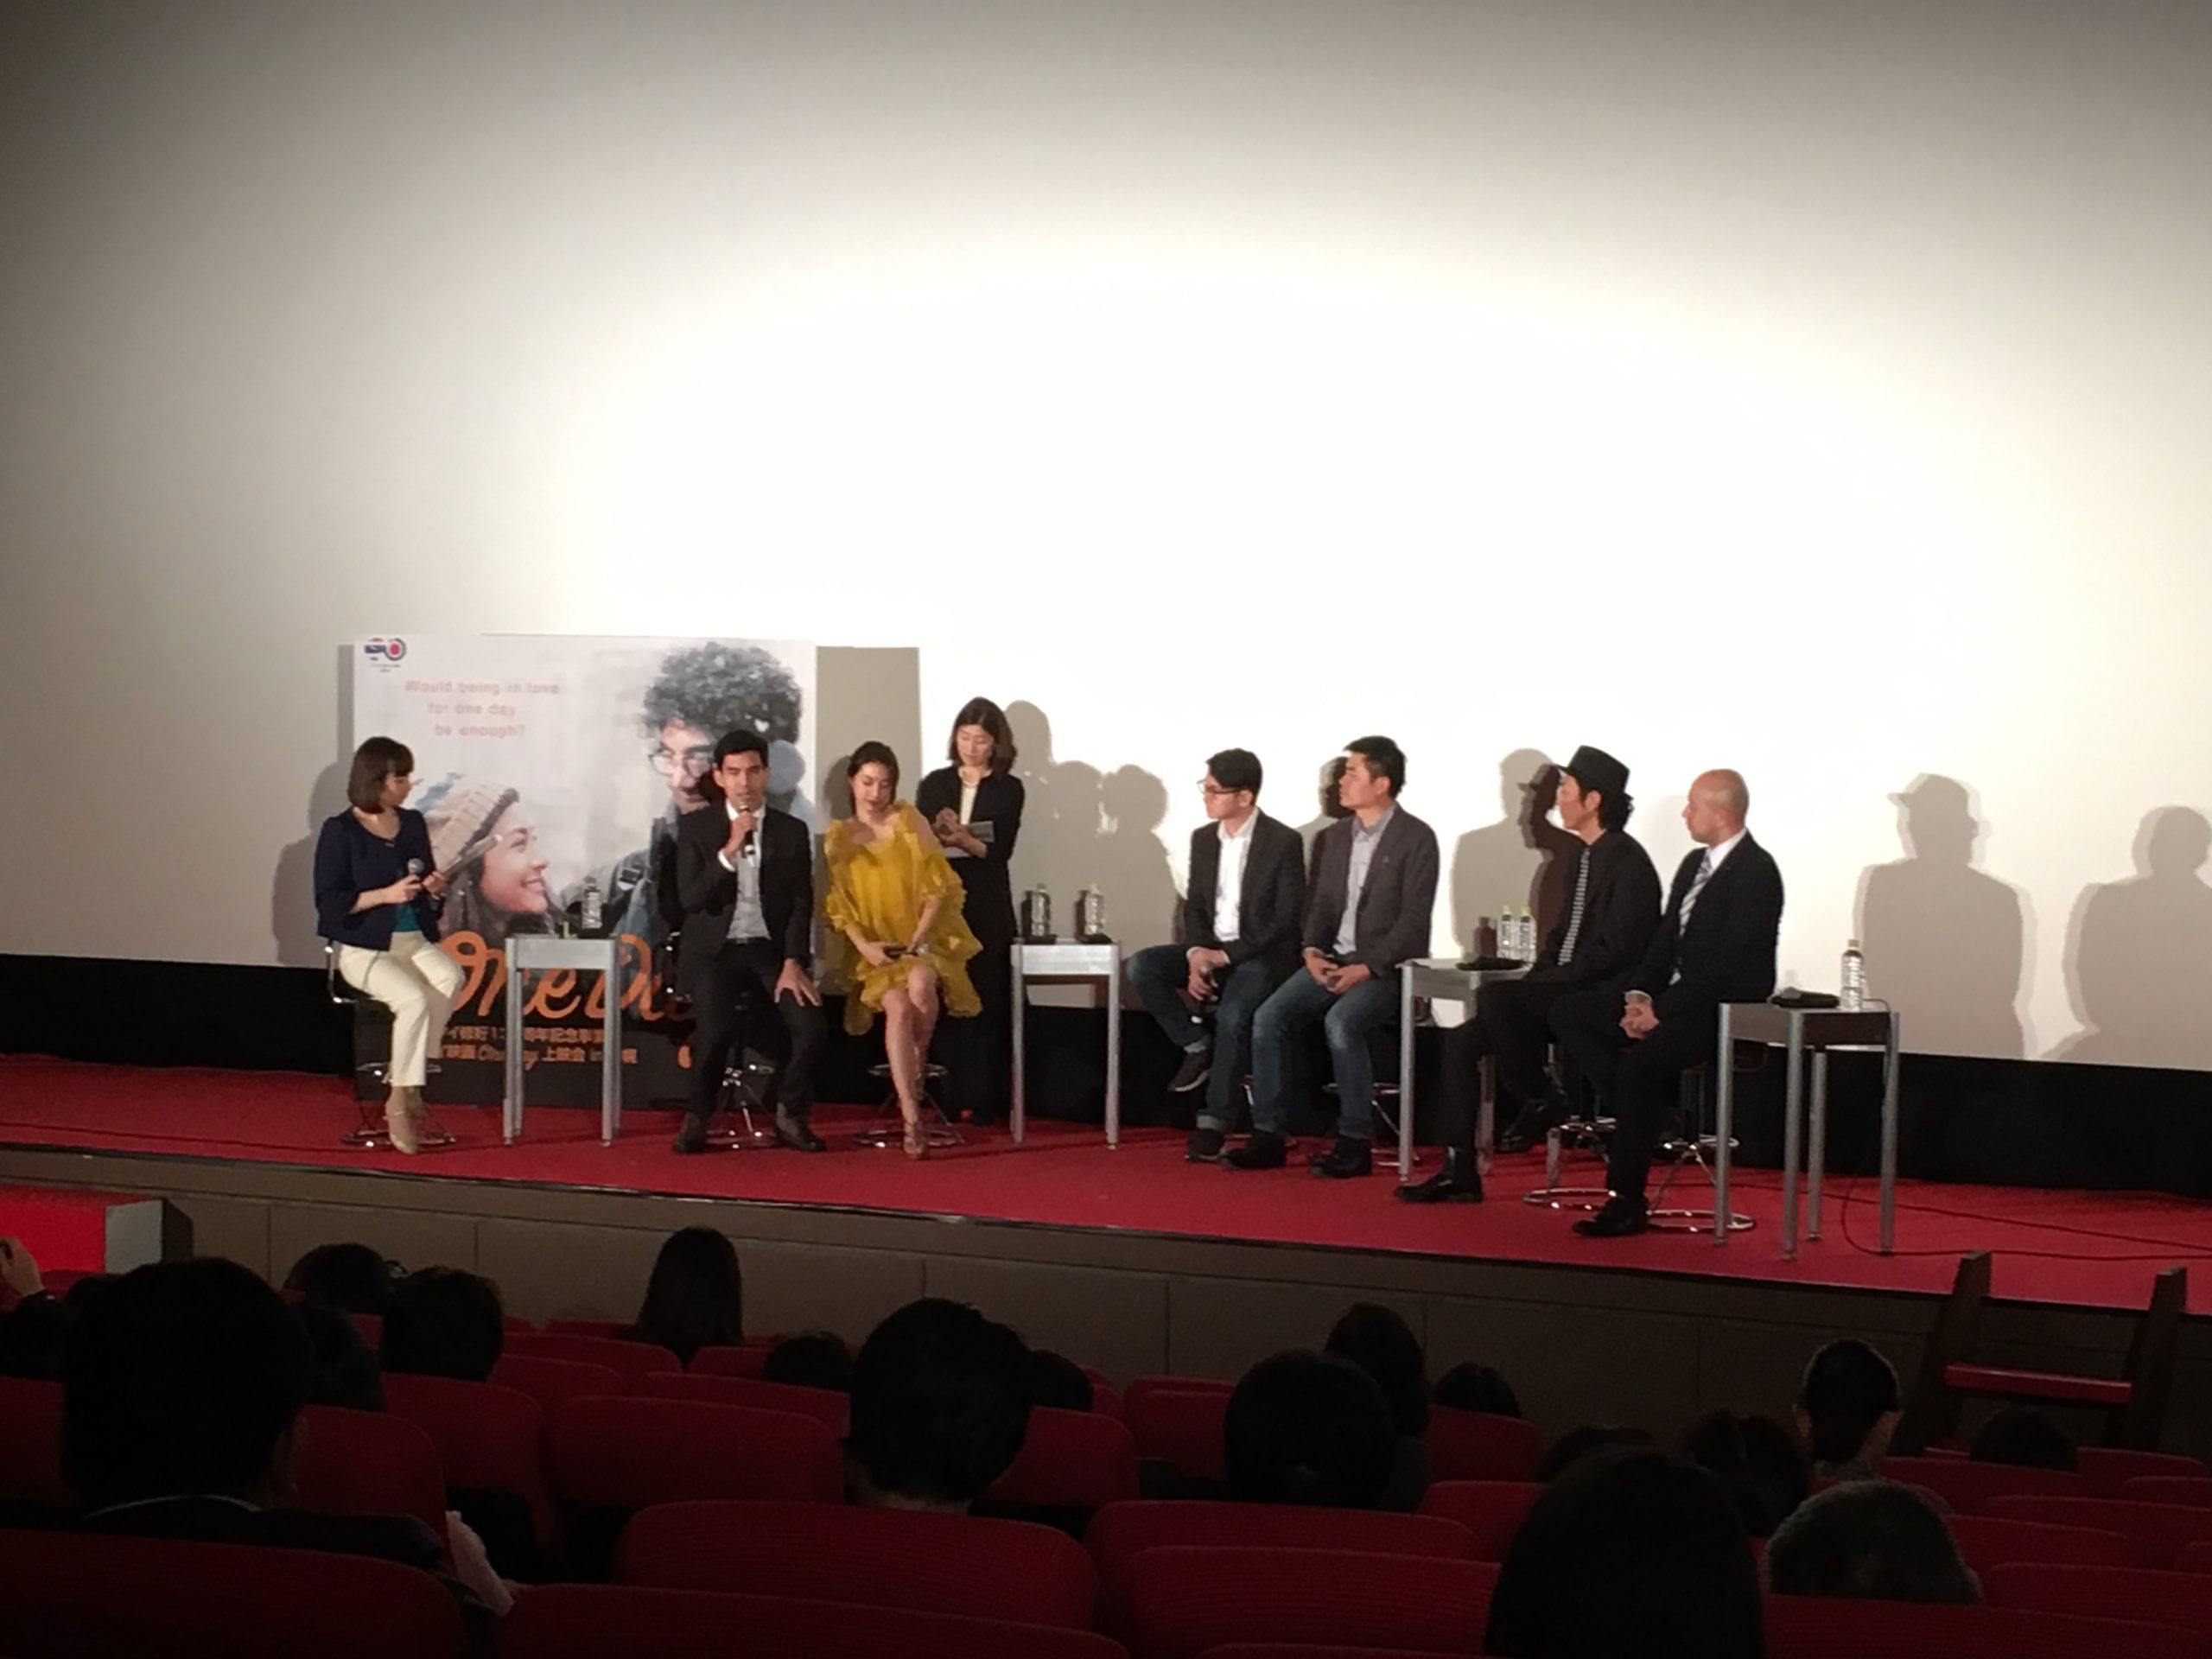 タイ映画「ワンディ」上映会